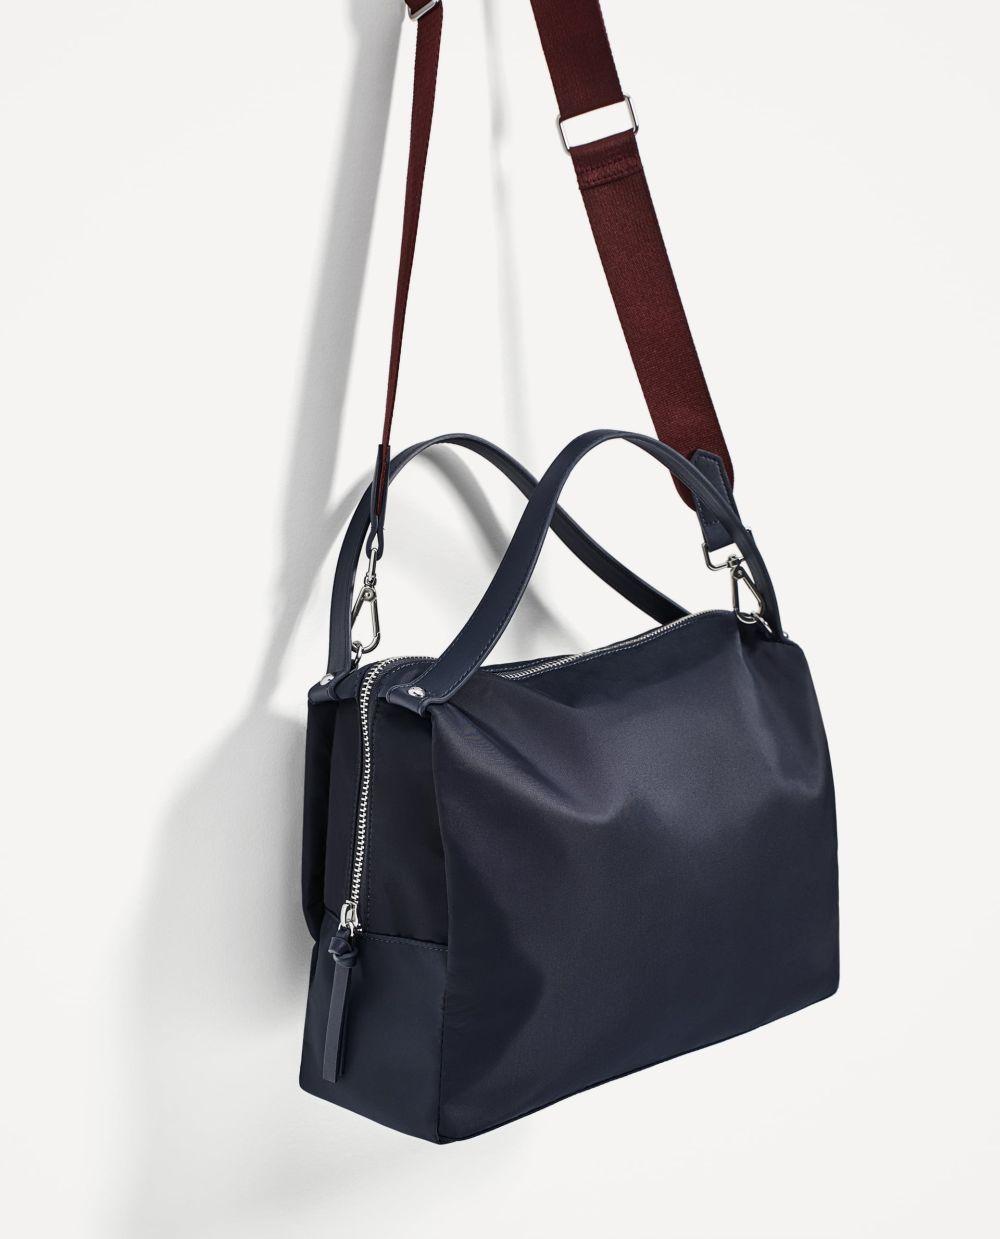 Bolso azul de Zara (15,99 euros)